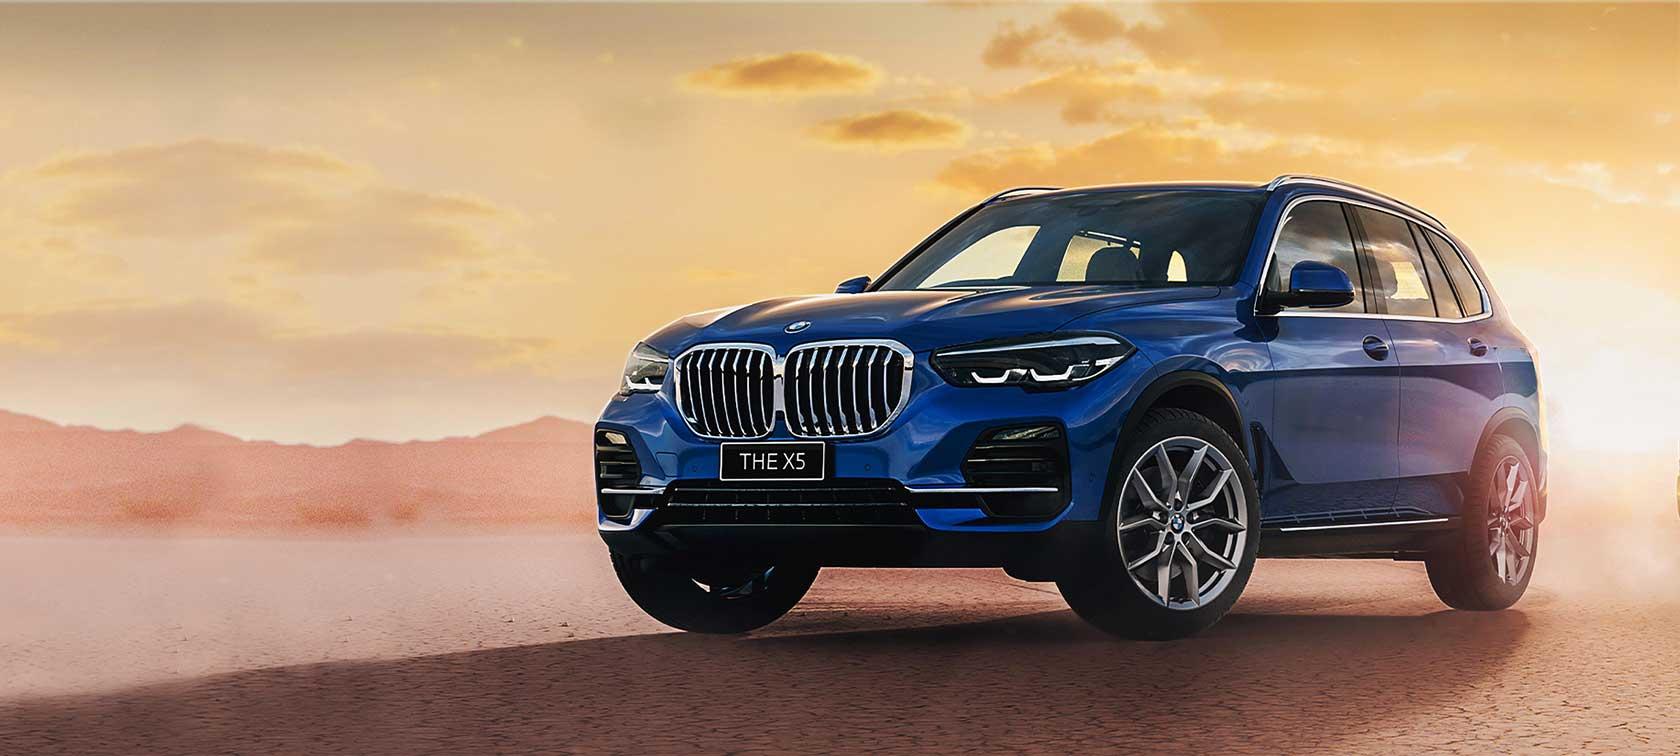 BMW X5: Inspire